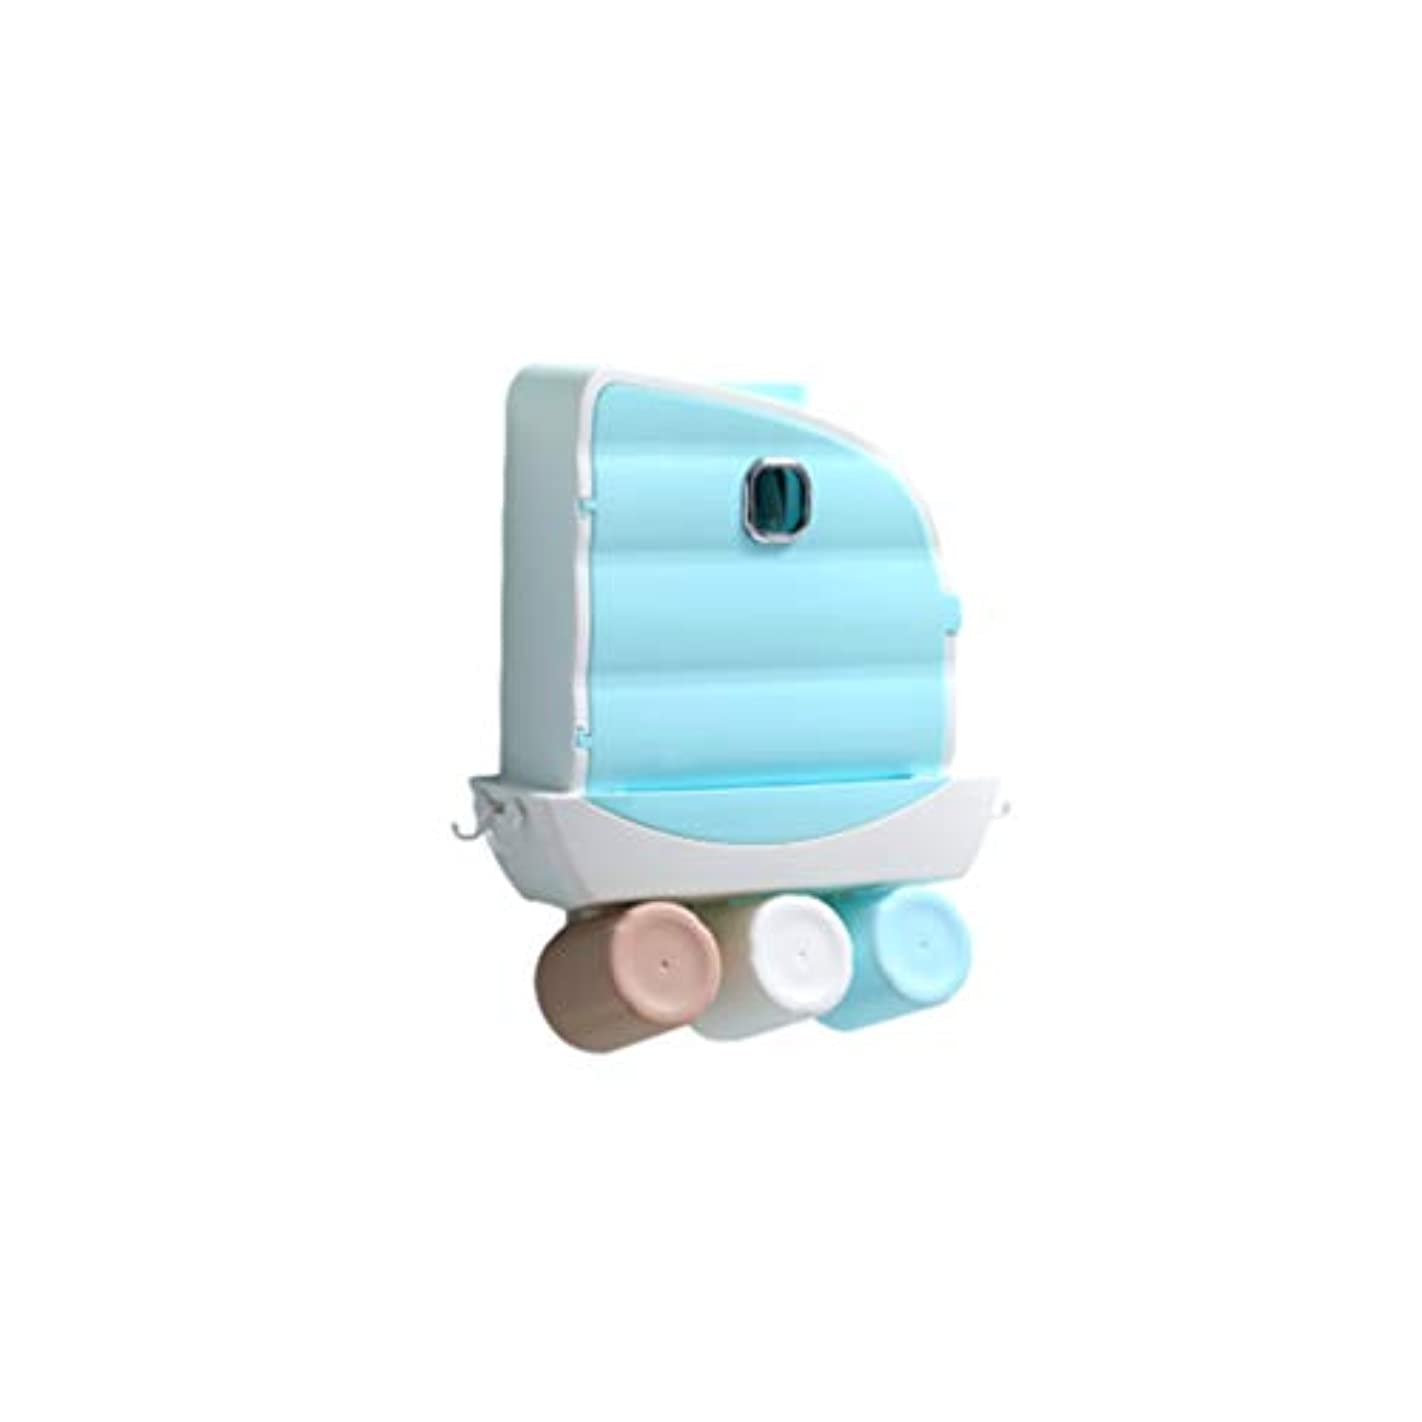 スポーツマンエールセンターHealifty 歯ブラシホルダー壁掛け歯磨き粉スクイーザーキット(3カップ付き)